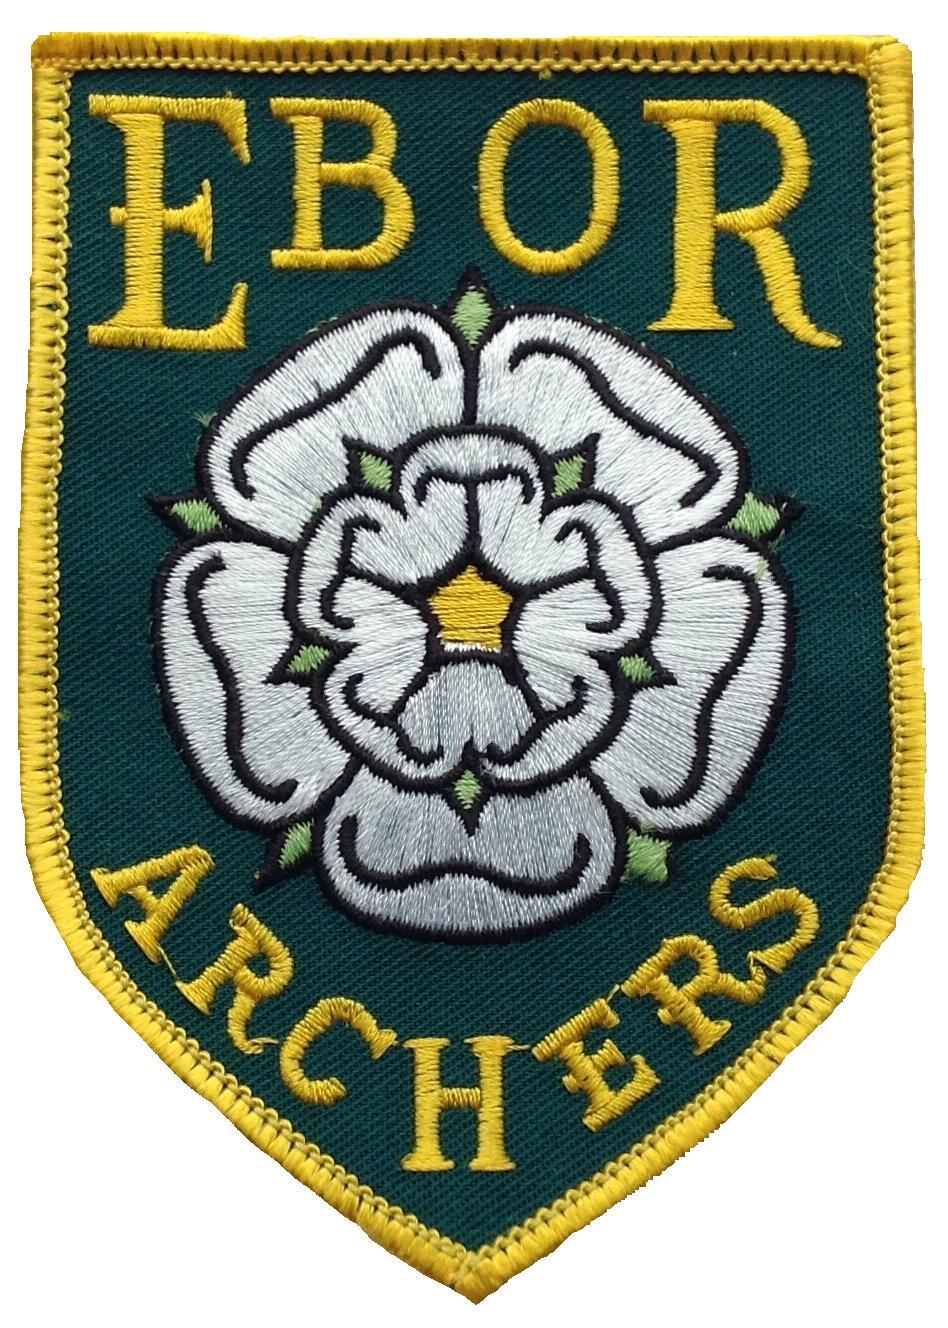 ebor archers york